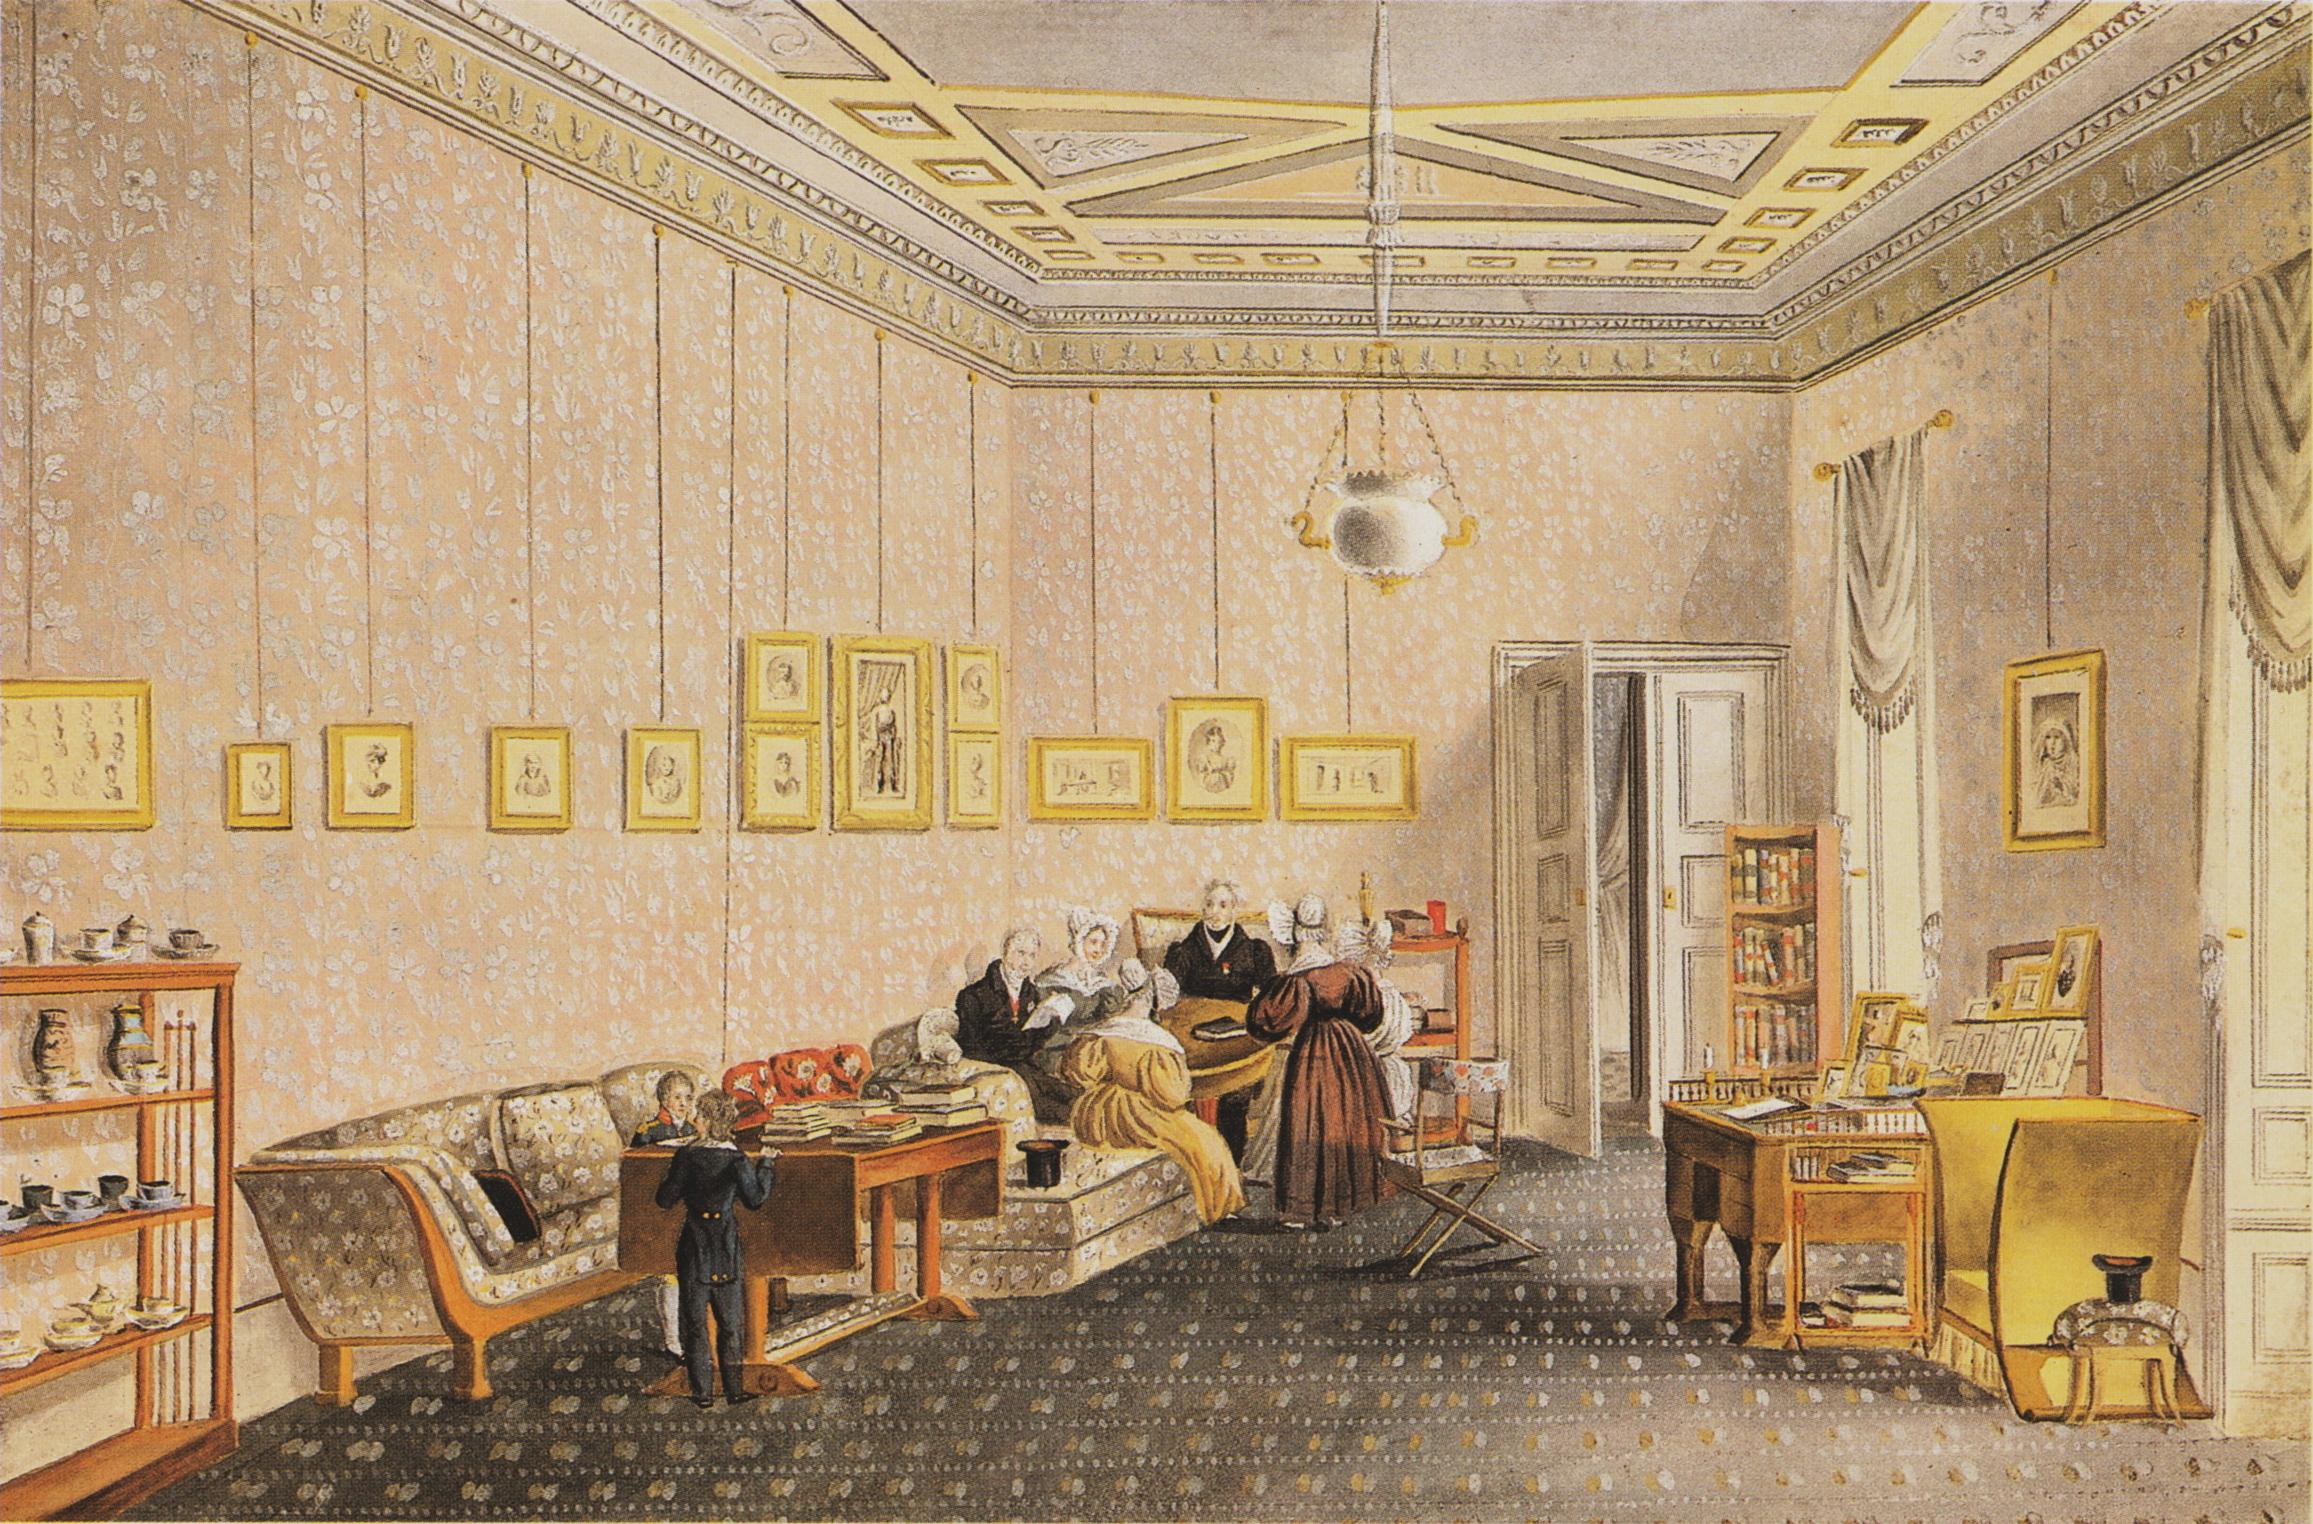 Adel ca. 1830